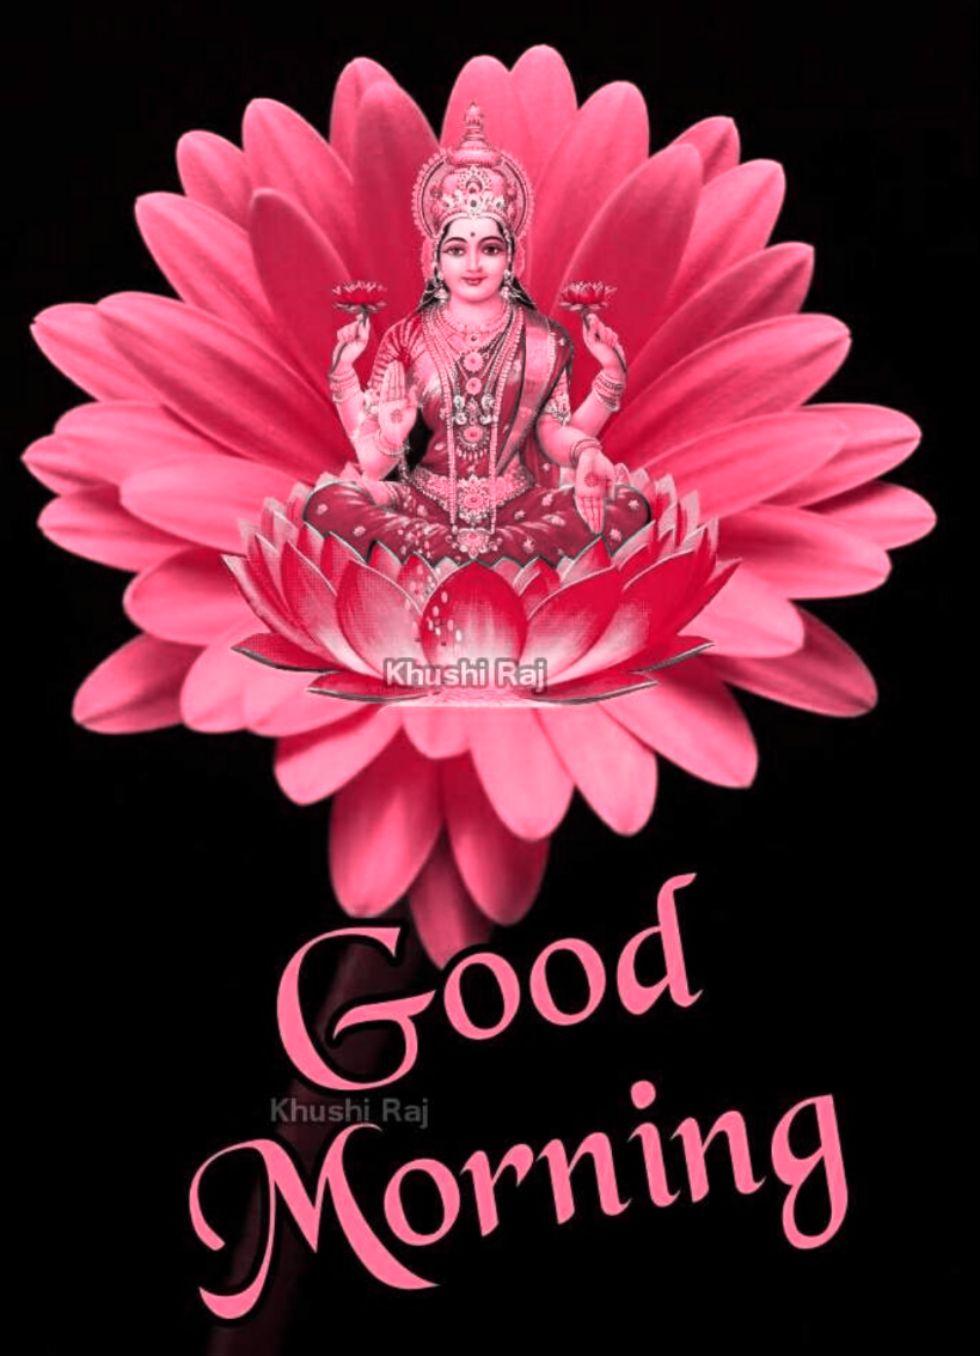 🎁ವಾರ್ಷಿಕೋತ್ಸವ - Khushi Raj Good Khushi Raj Morning - ShareChat